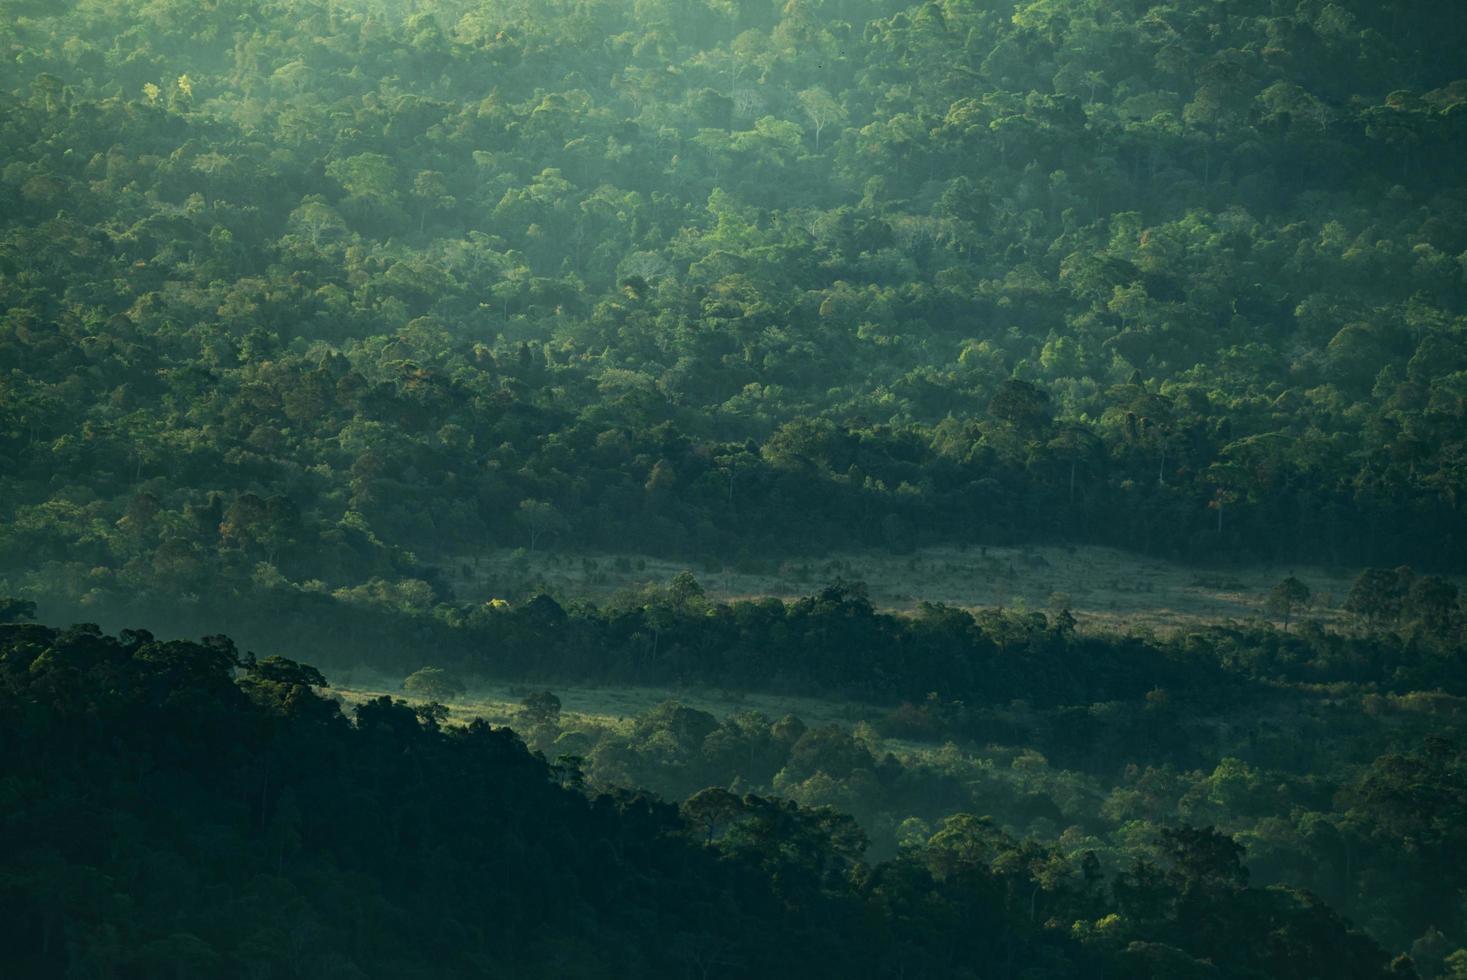 grüner tropischer Wald foto